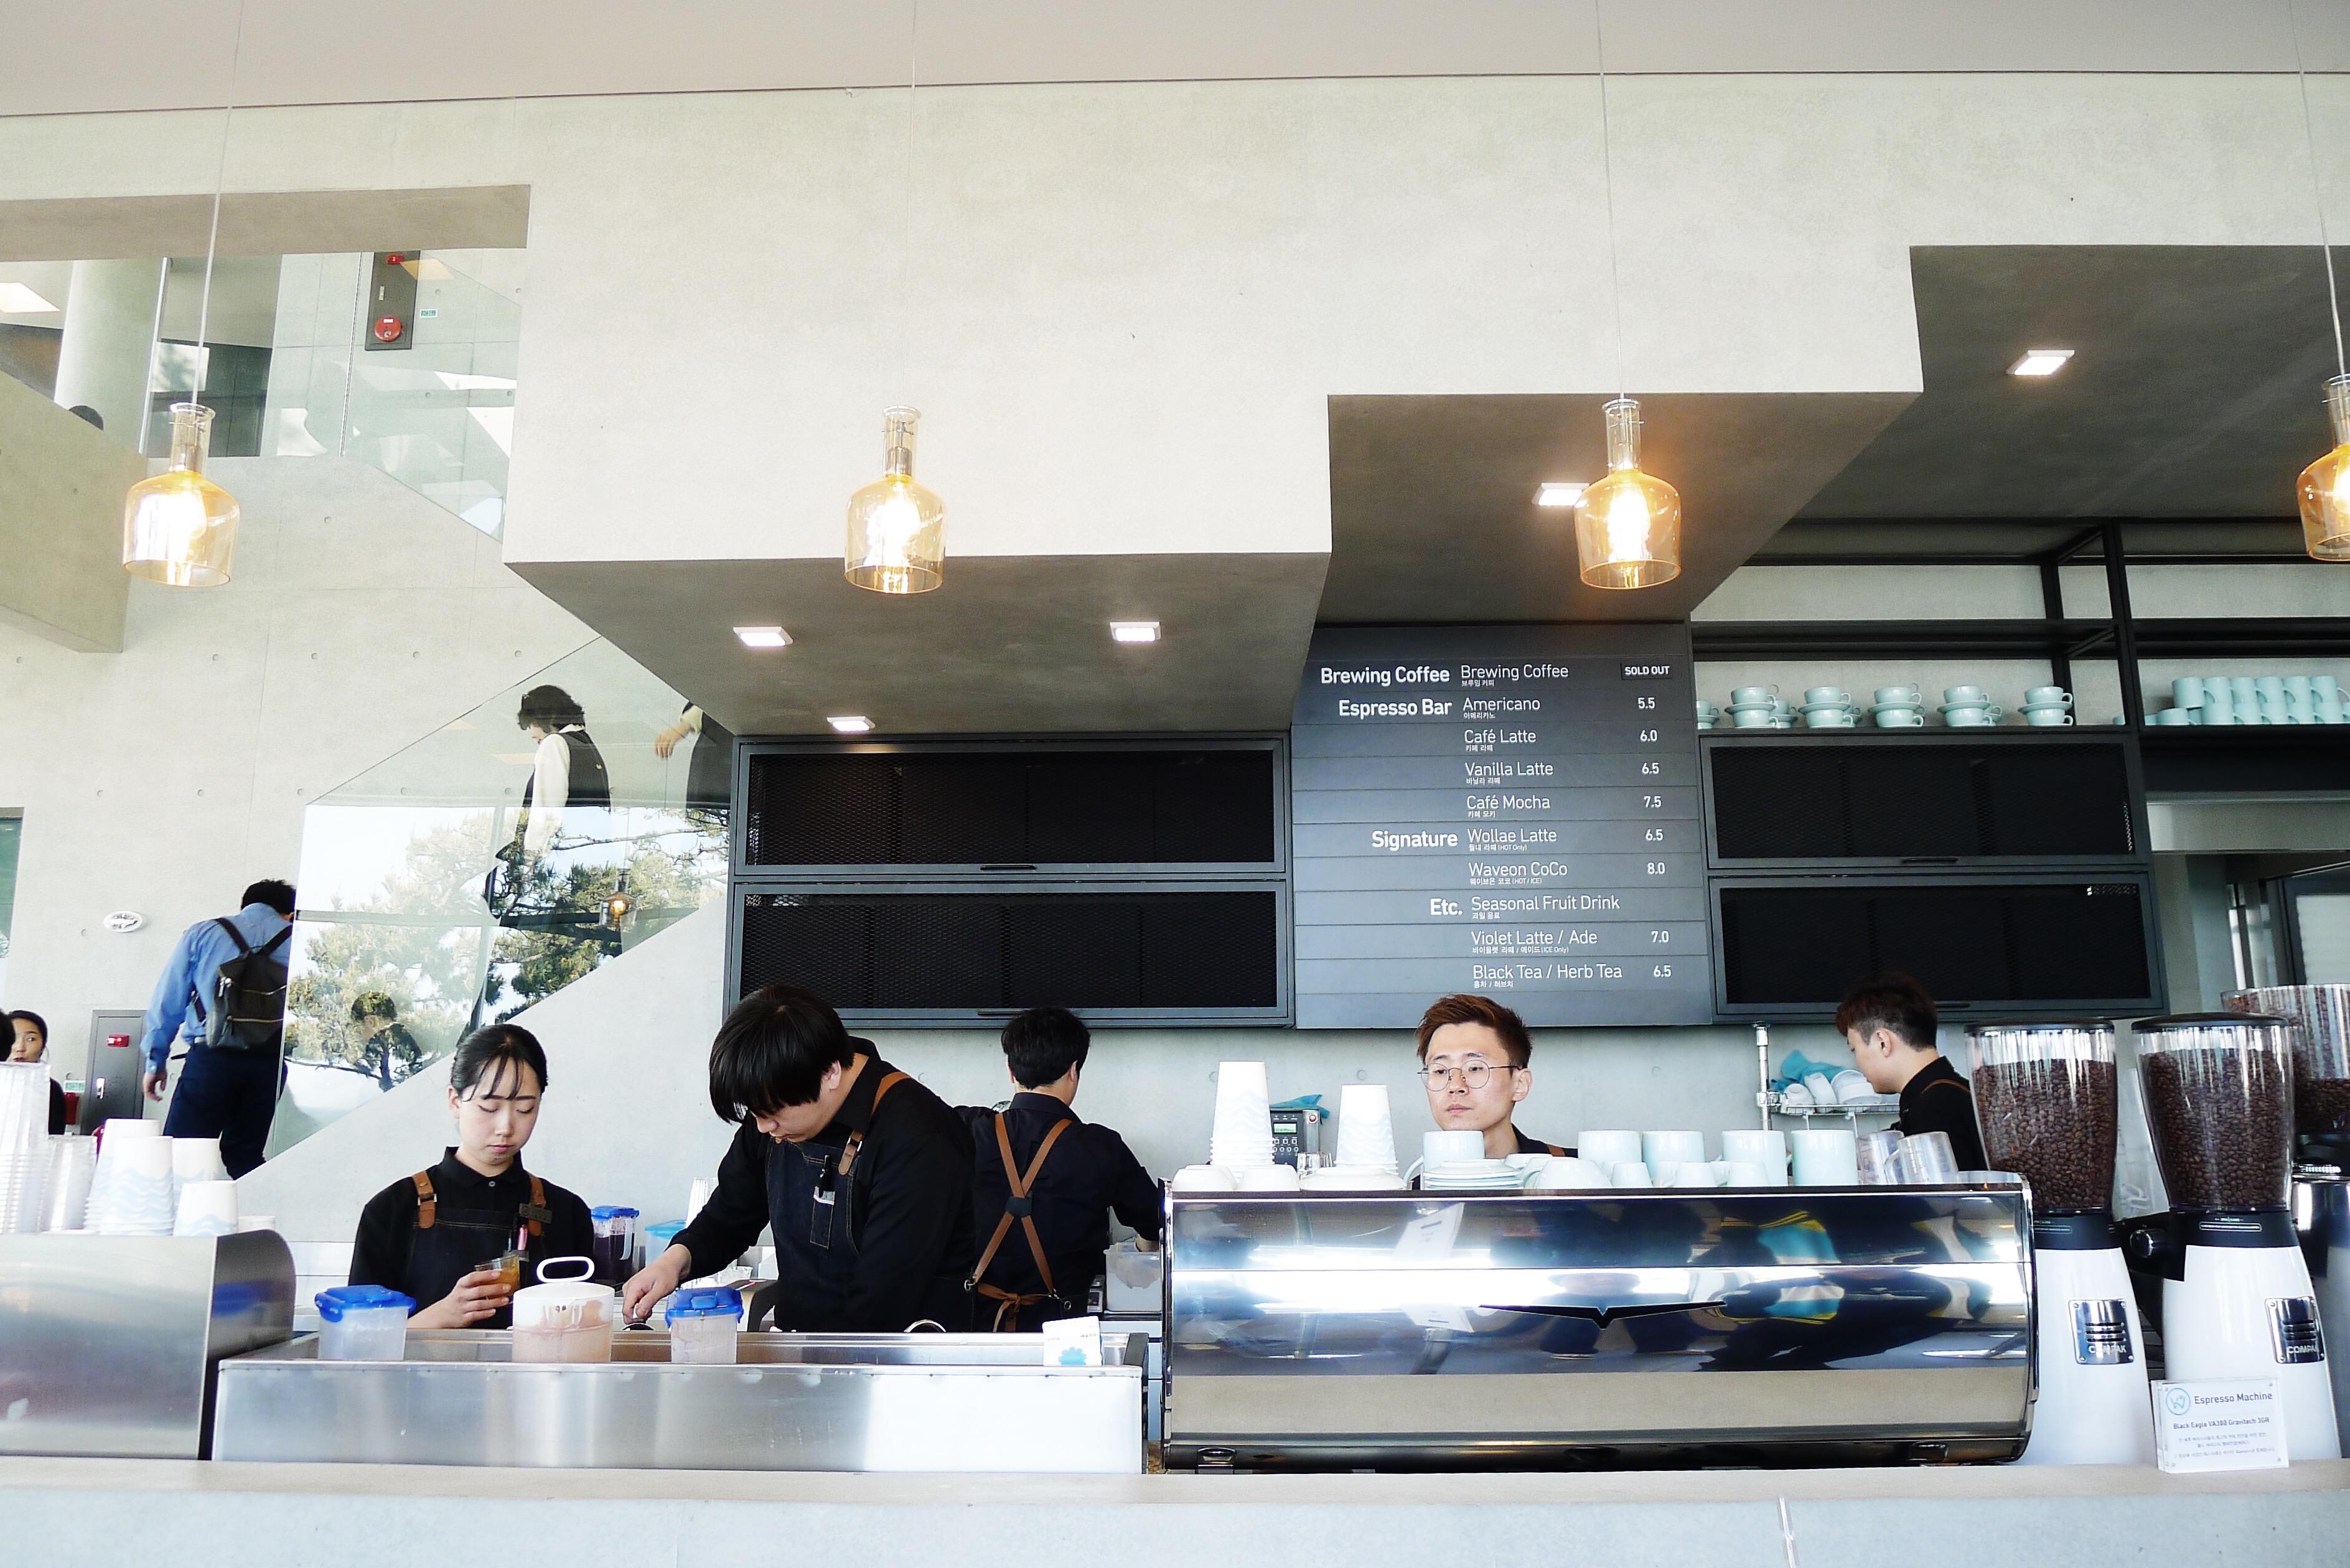 The barista counter